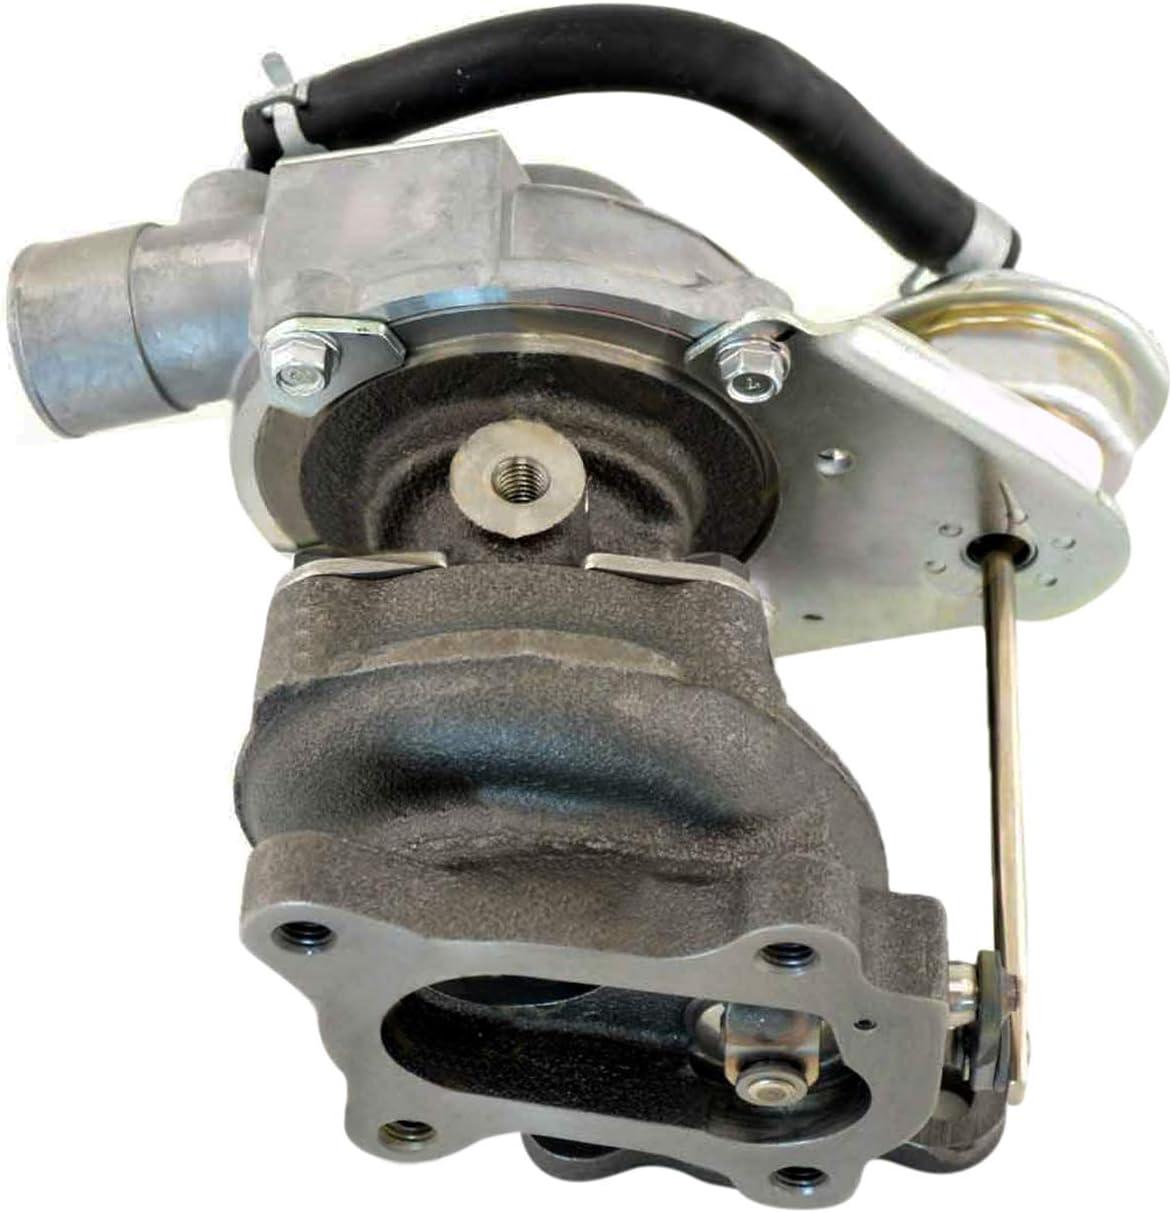 Turbolader 129137-18010 VC110033 WA40-3E Turbo YM129137-18010 f/ür Yanmar 3TN84 3TN-84 3TN84TL-R2B RHB31 4TN84T Motor